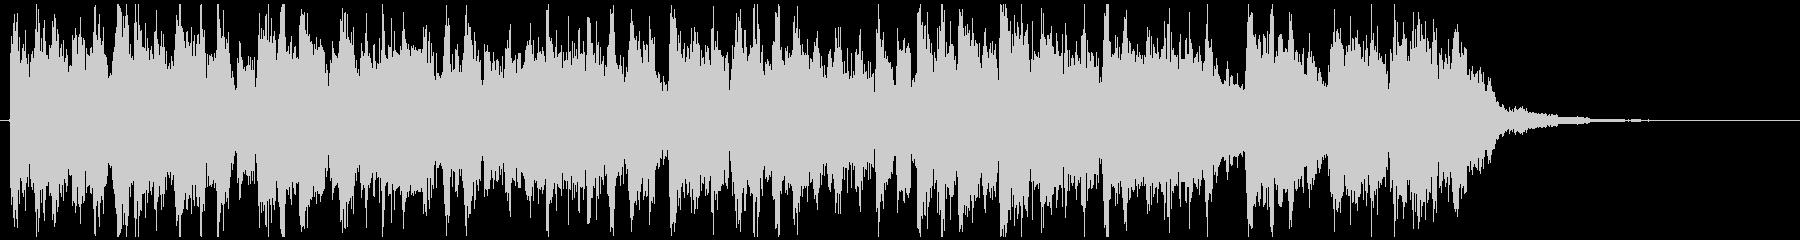 ジャジードラムンベース◆CM向け15秒曲の未再生の波形